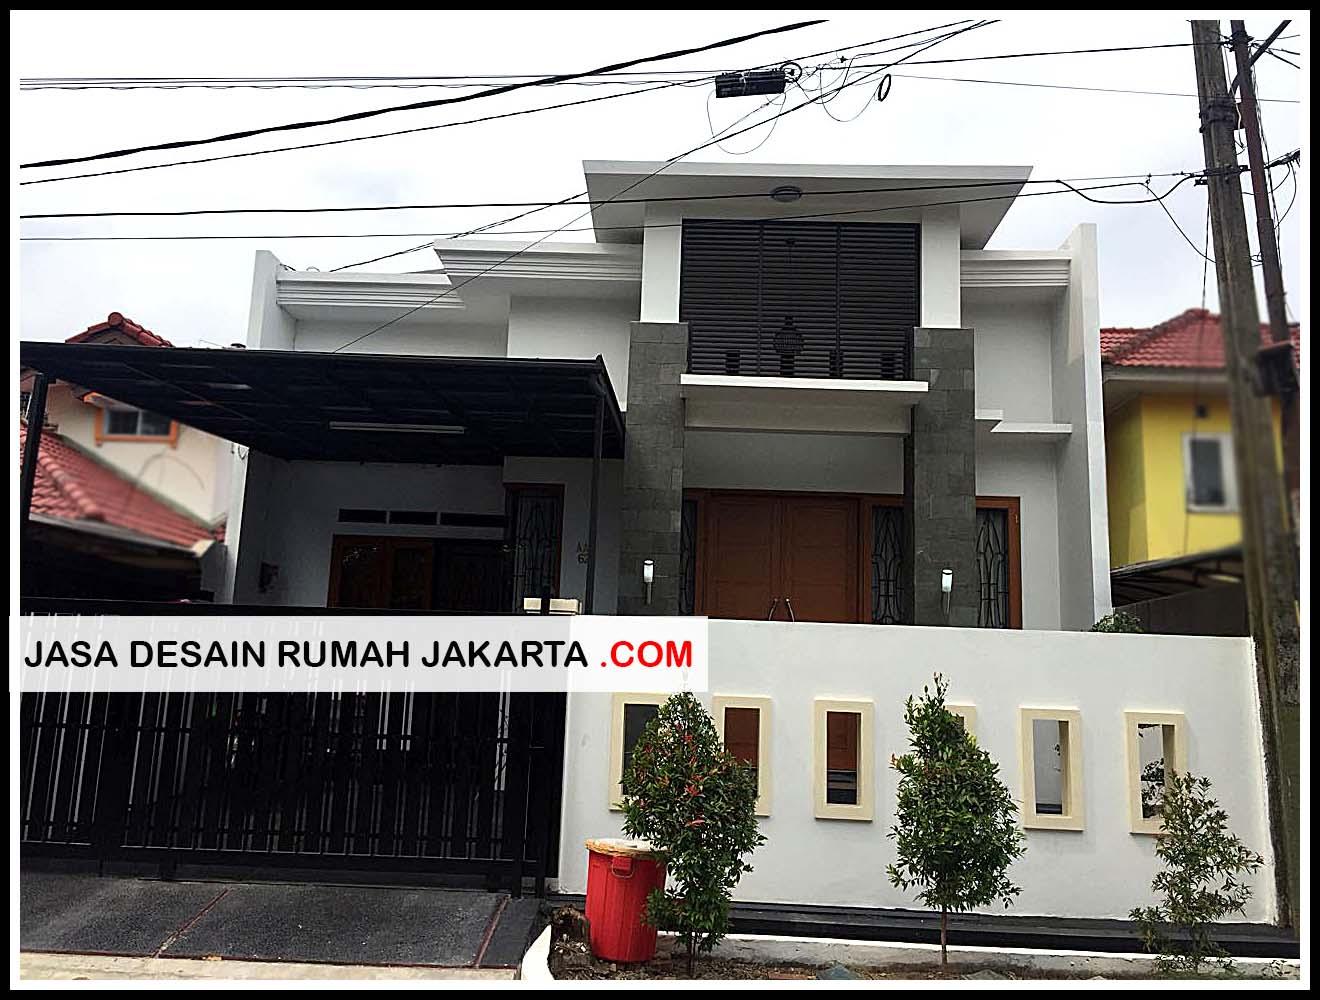 Jasa Desain Arsitek Gambar Rumah Minimalis 014 Jasa Desain Rumah